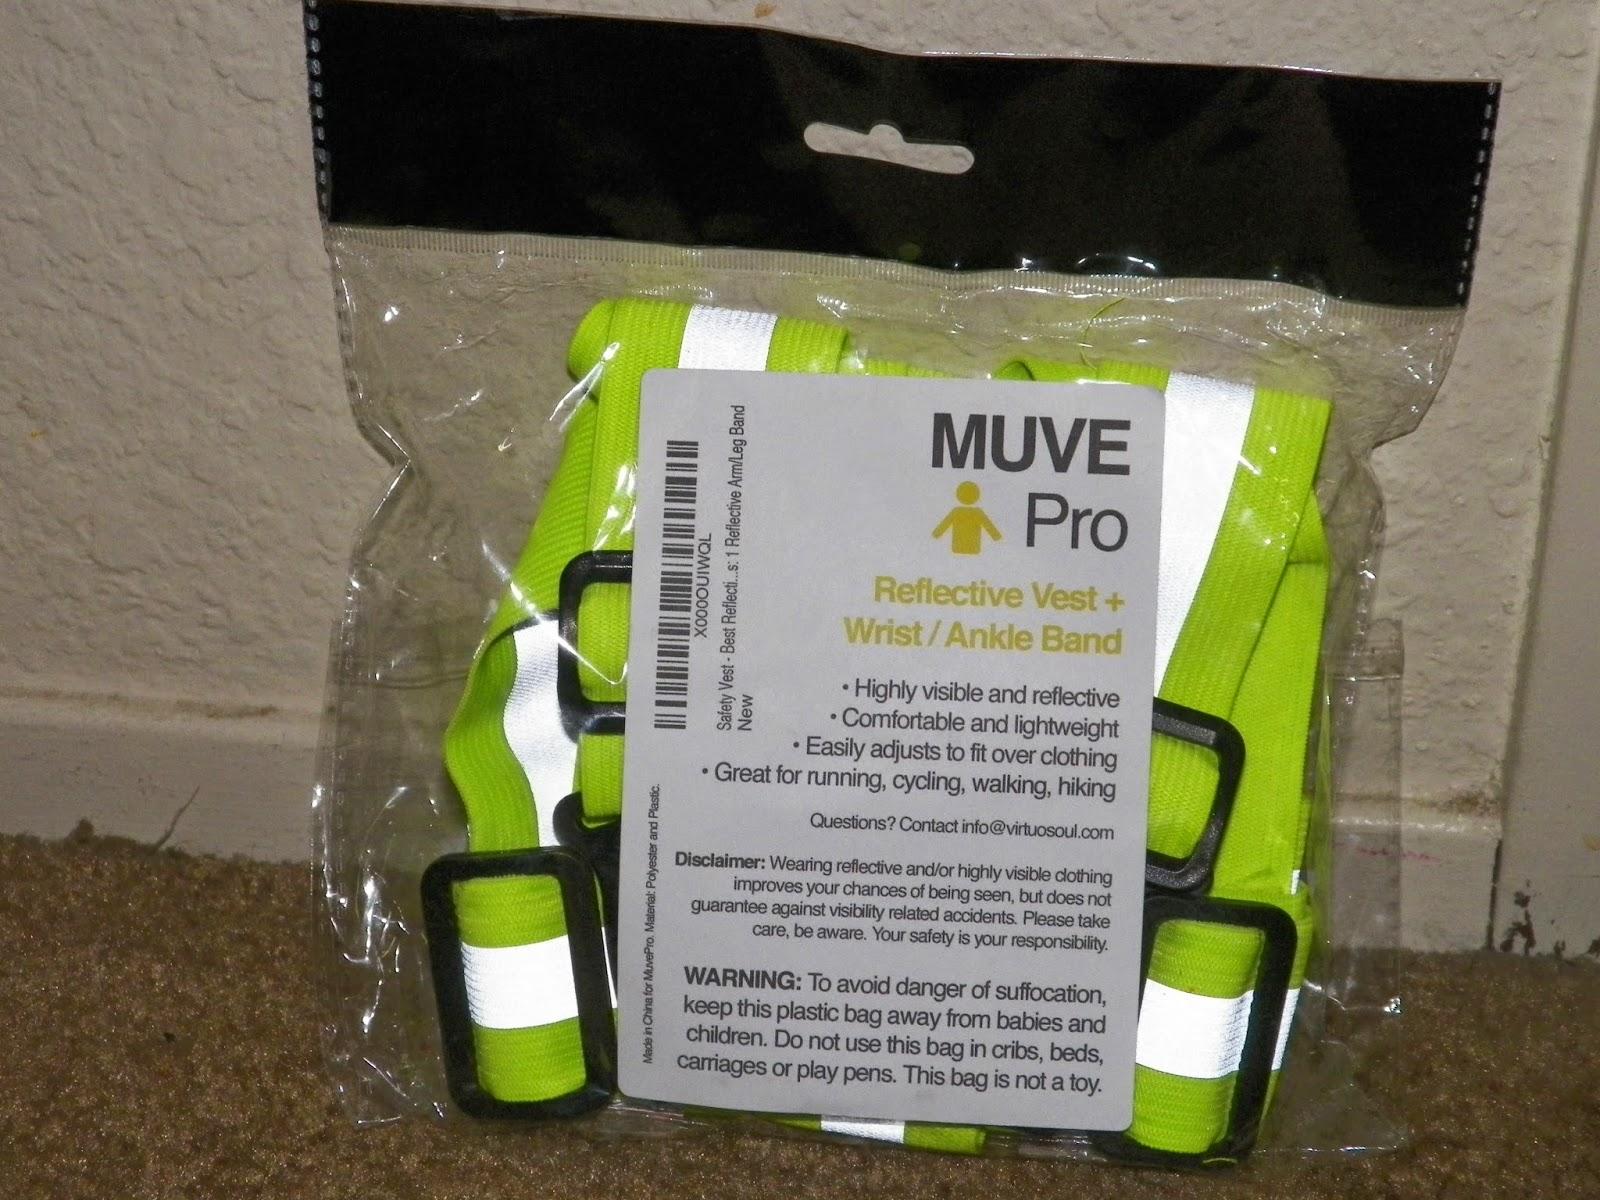 MuveProReflectiveVest.jpg